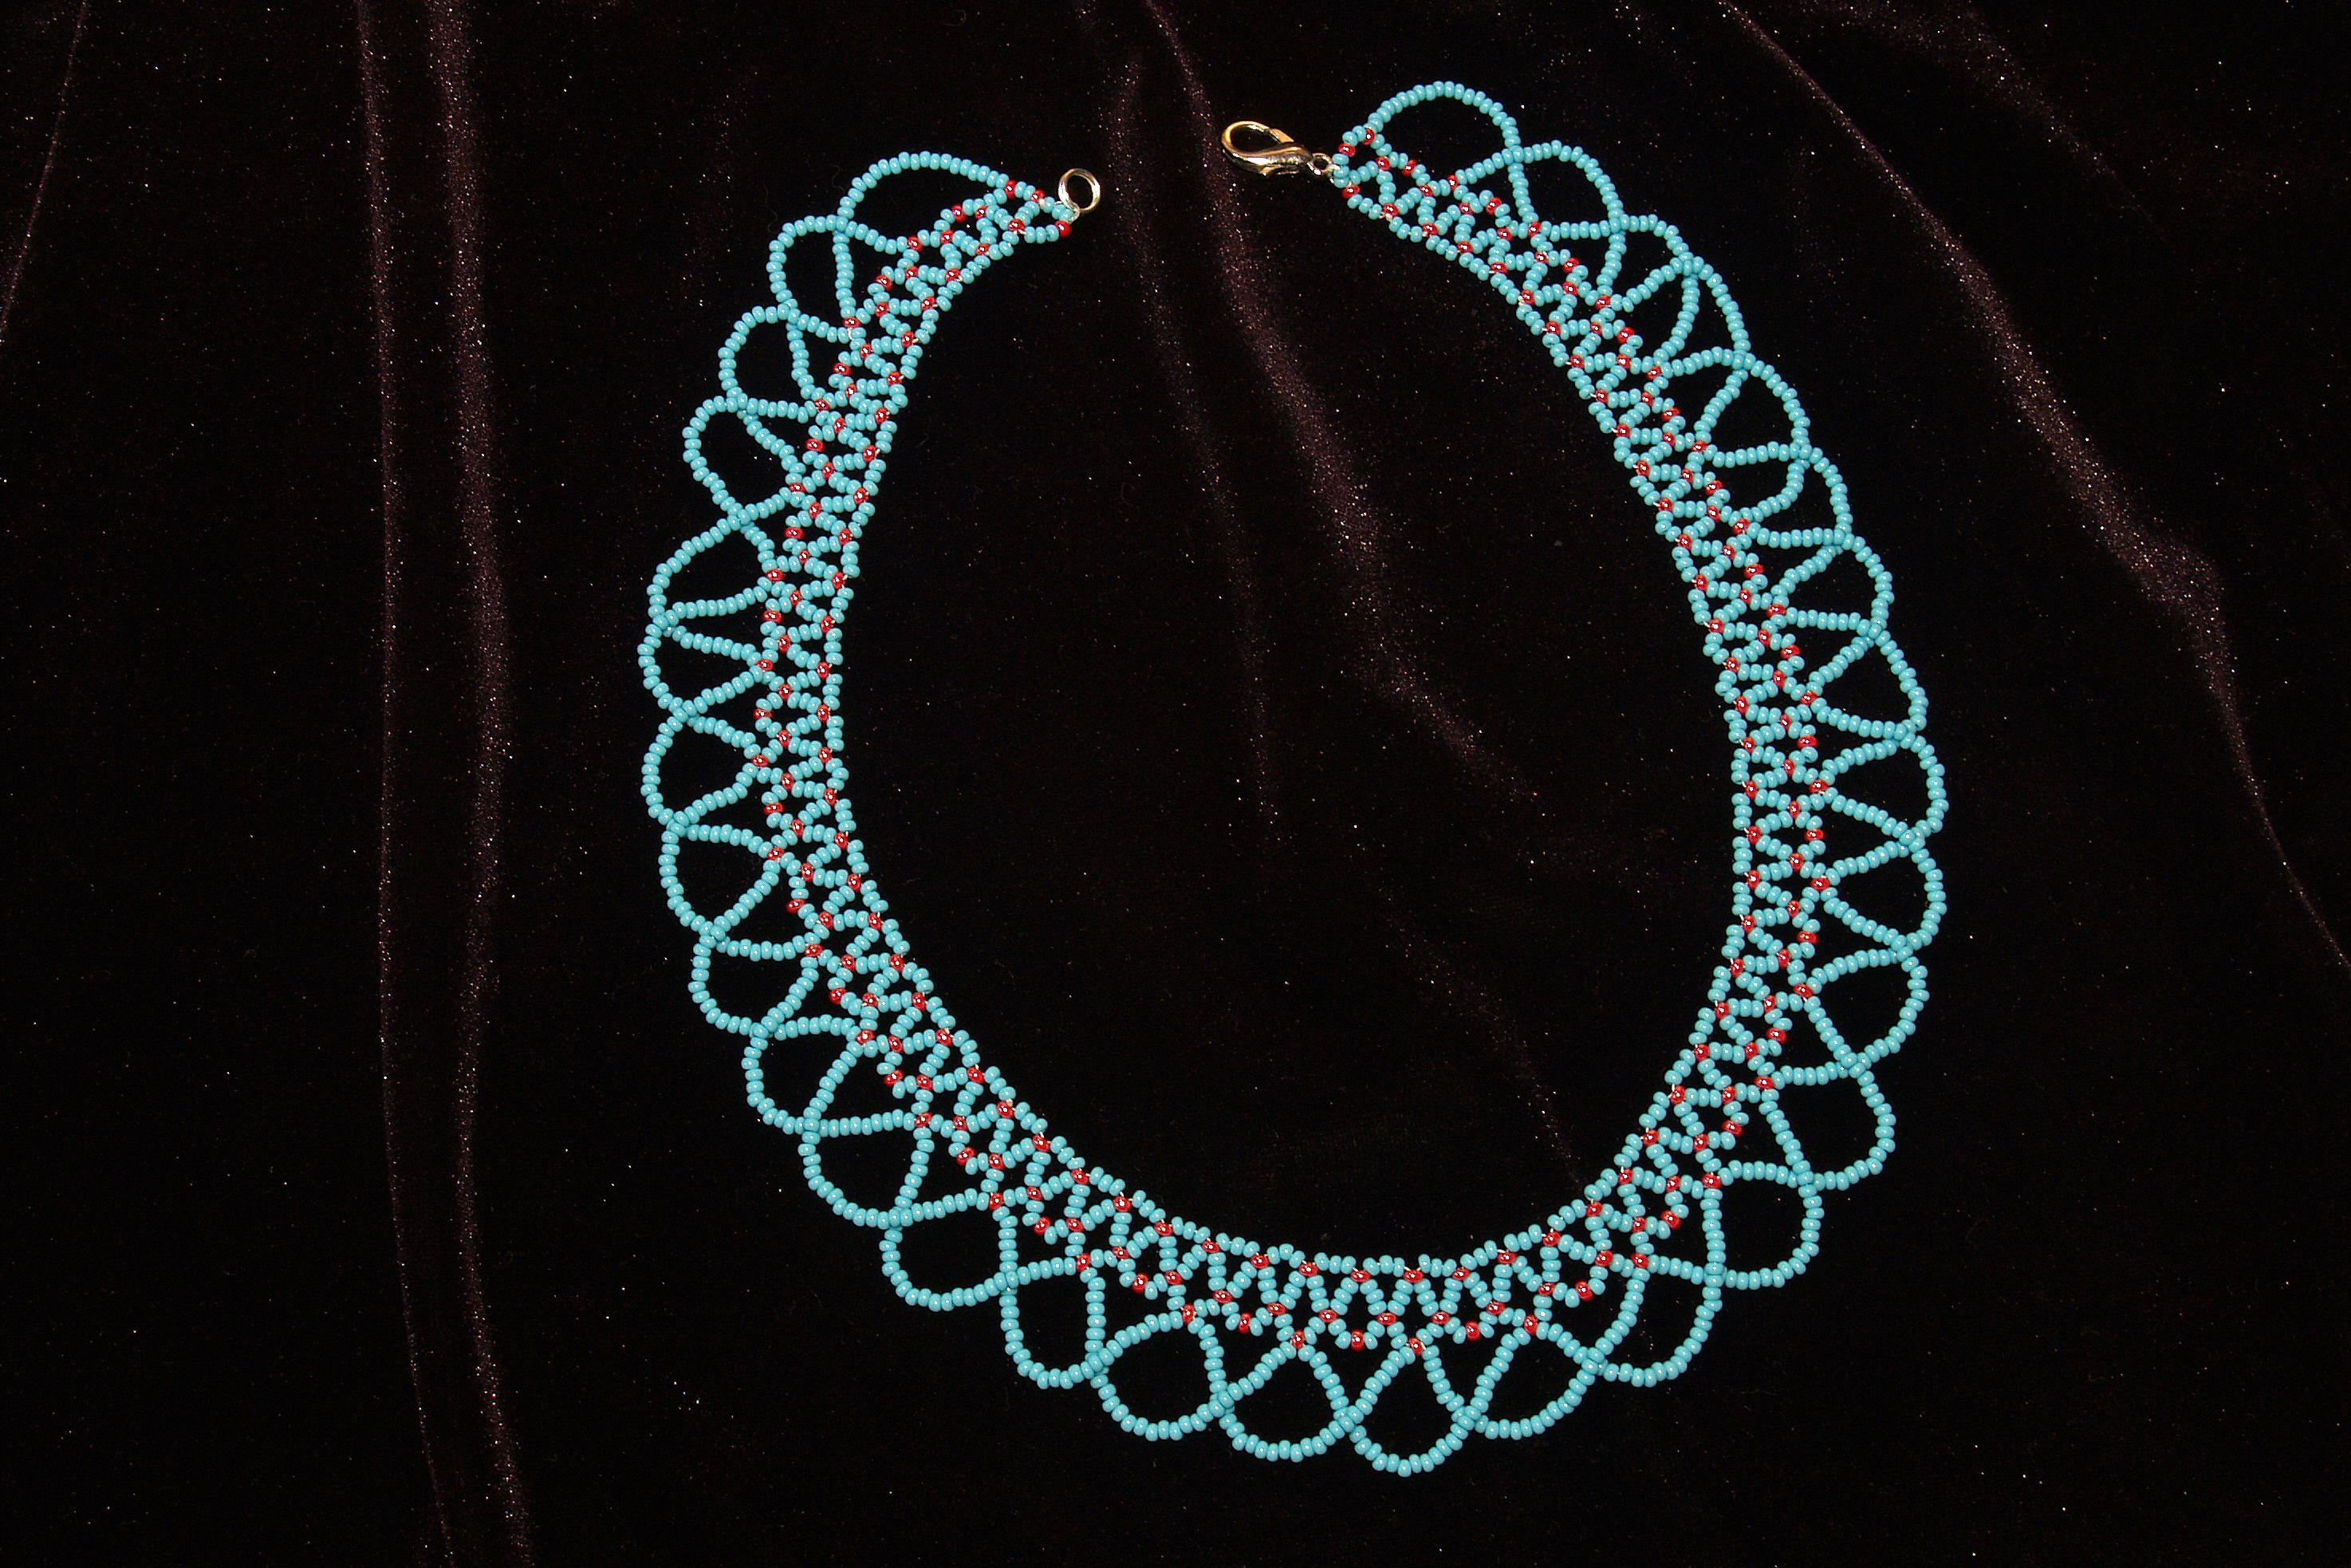 ручнойработы избисера ожерелье бисер аксессуары украшения бусы бижутерия